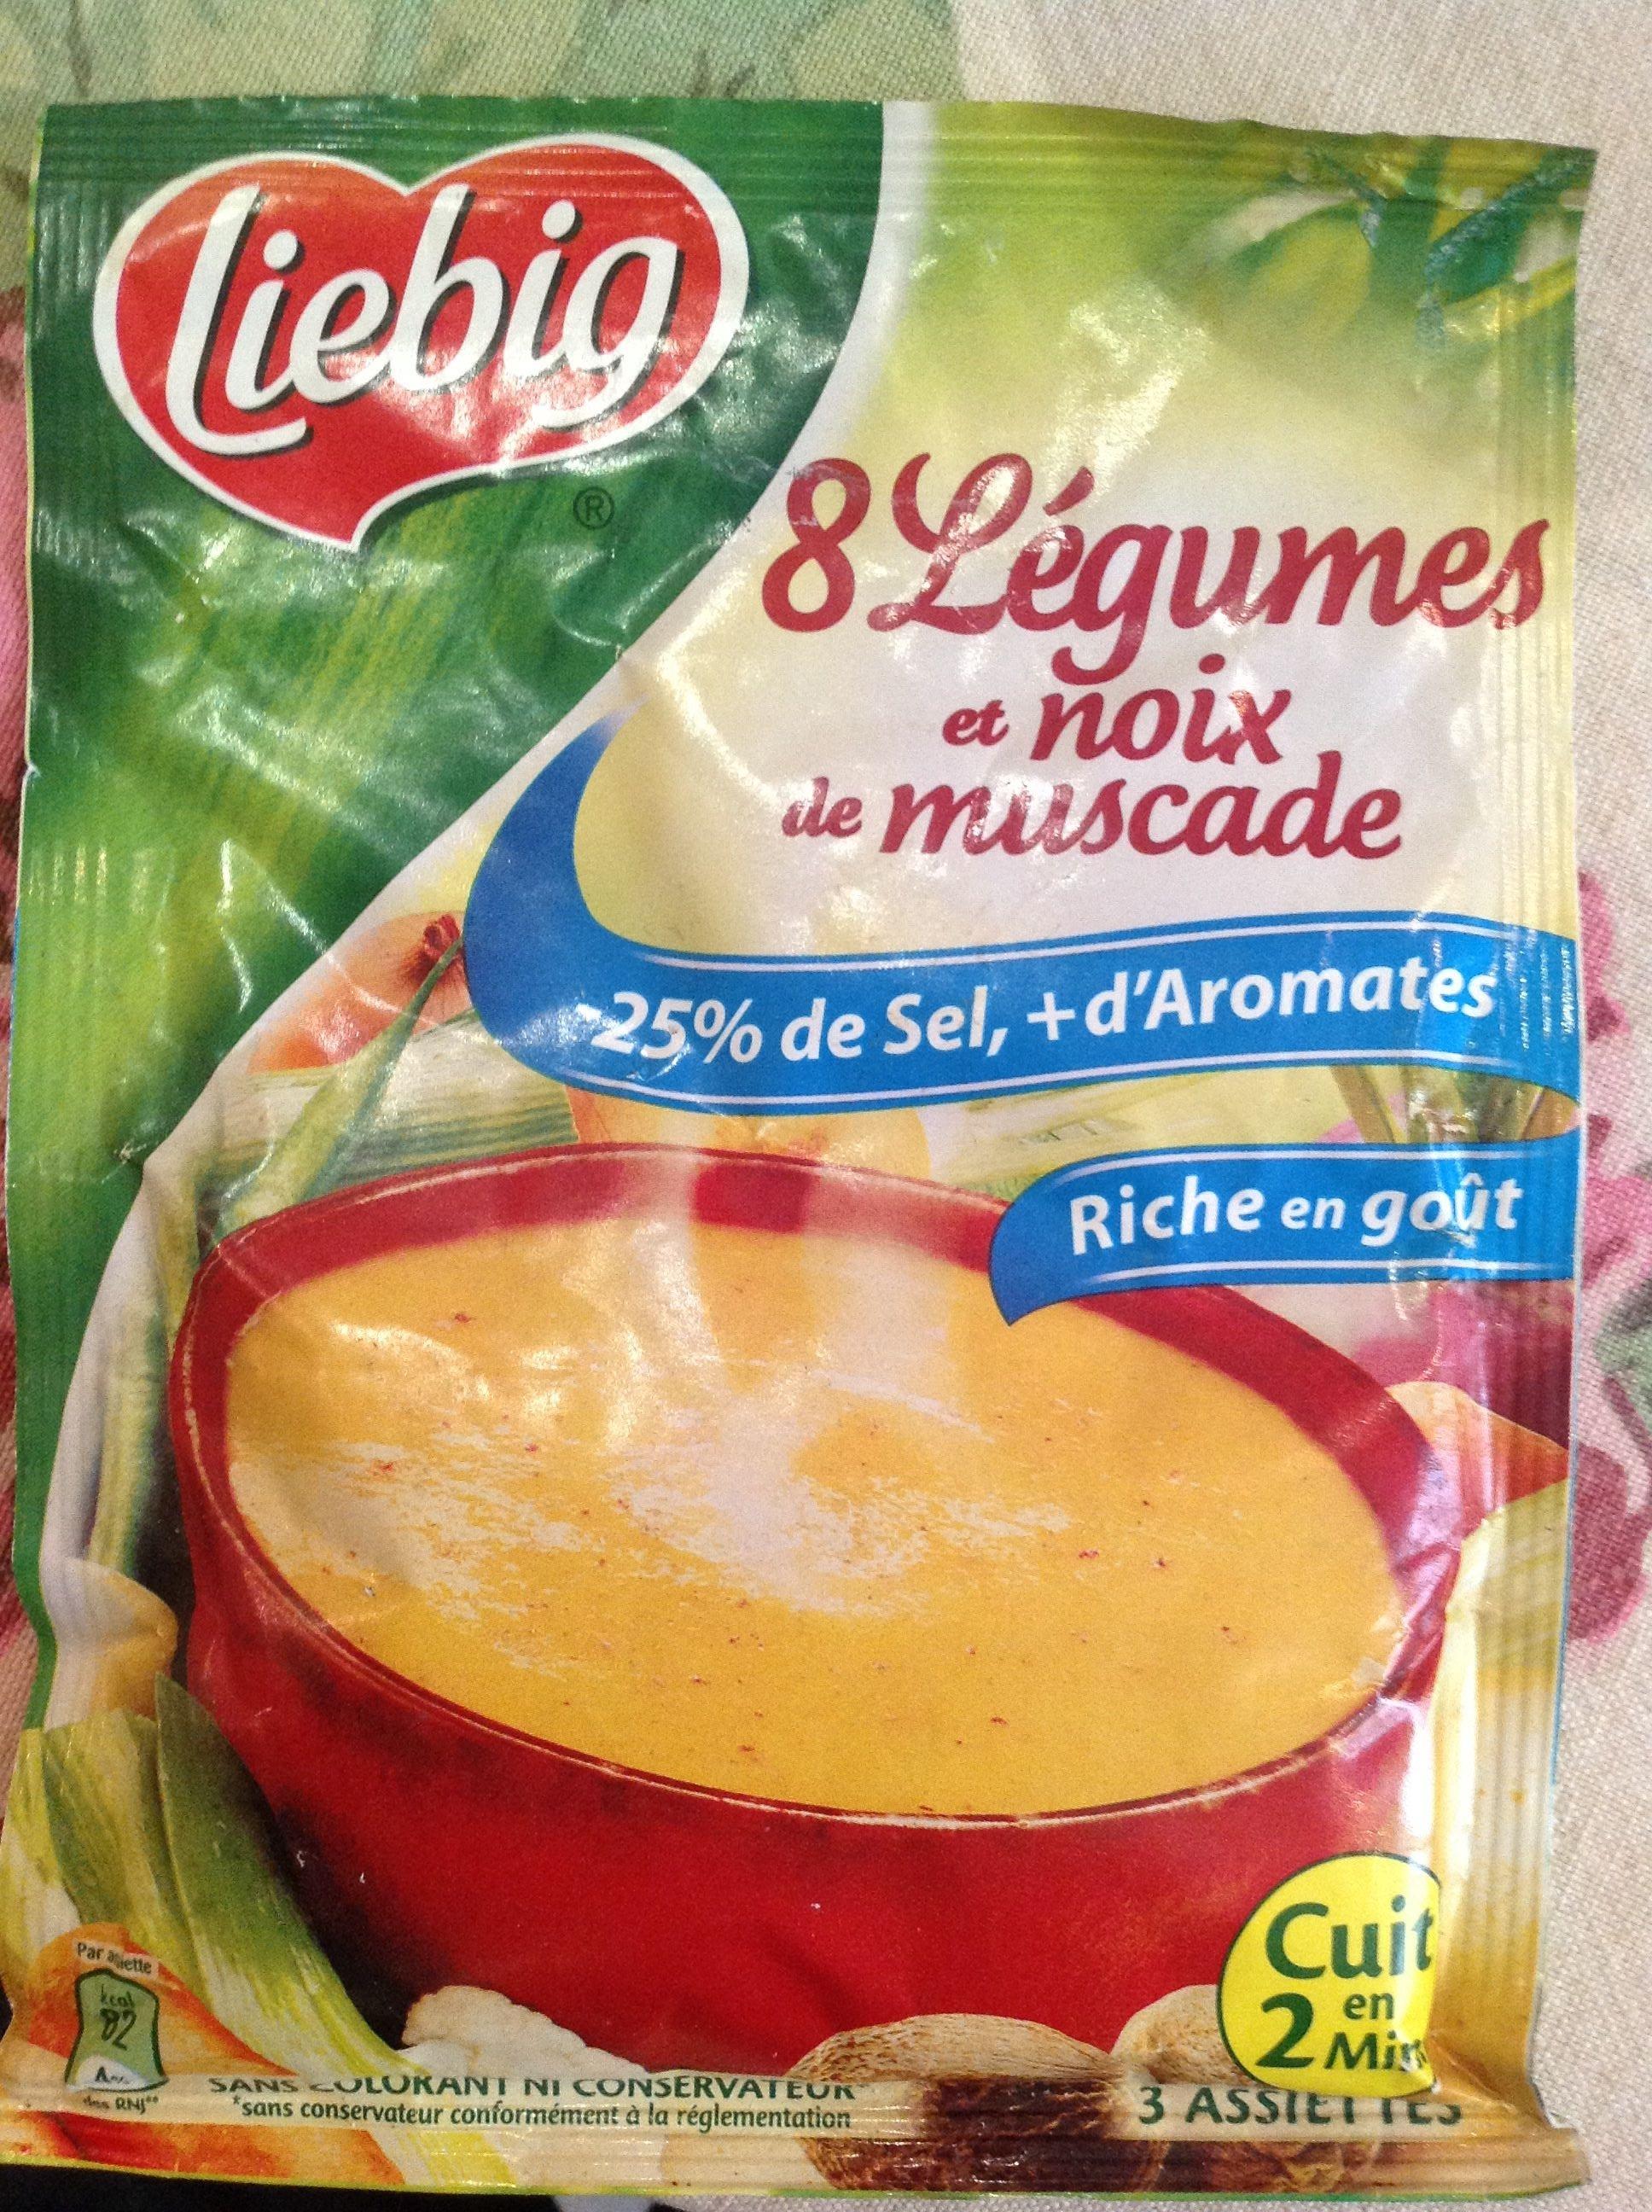 Huit Légumes et Noix de Muscade - Produit - fr